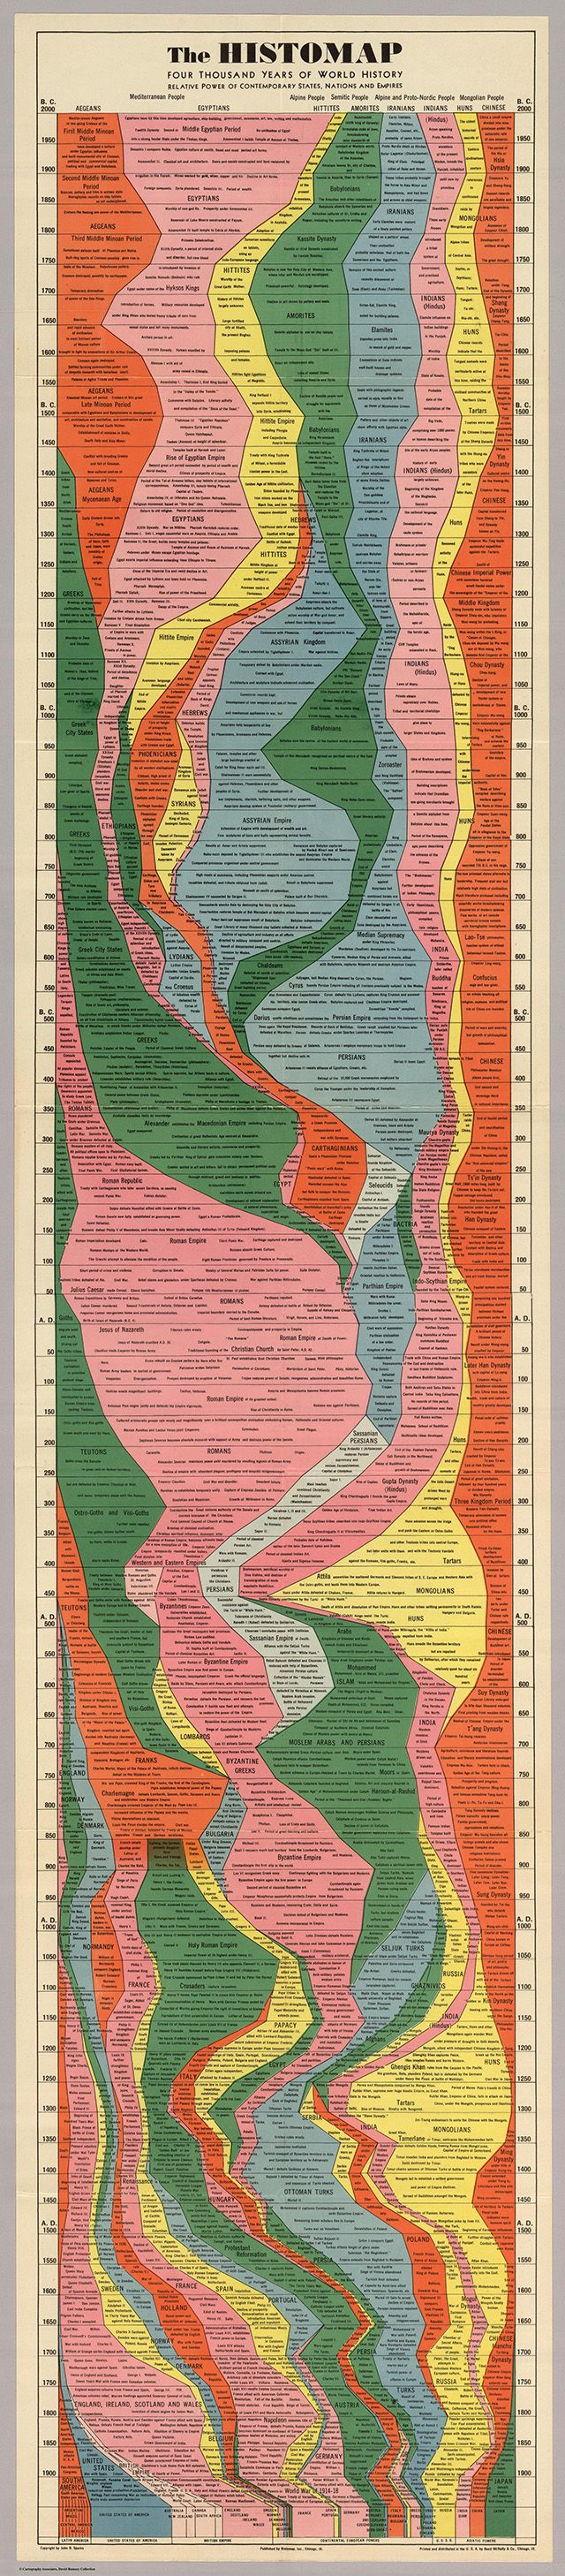 http://www.slate.fr/story/100873/histoire-monde-infographie  Ça vaut le coup de zoomer. Ça date de 1931 mais l'idée est super intéressante.